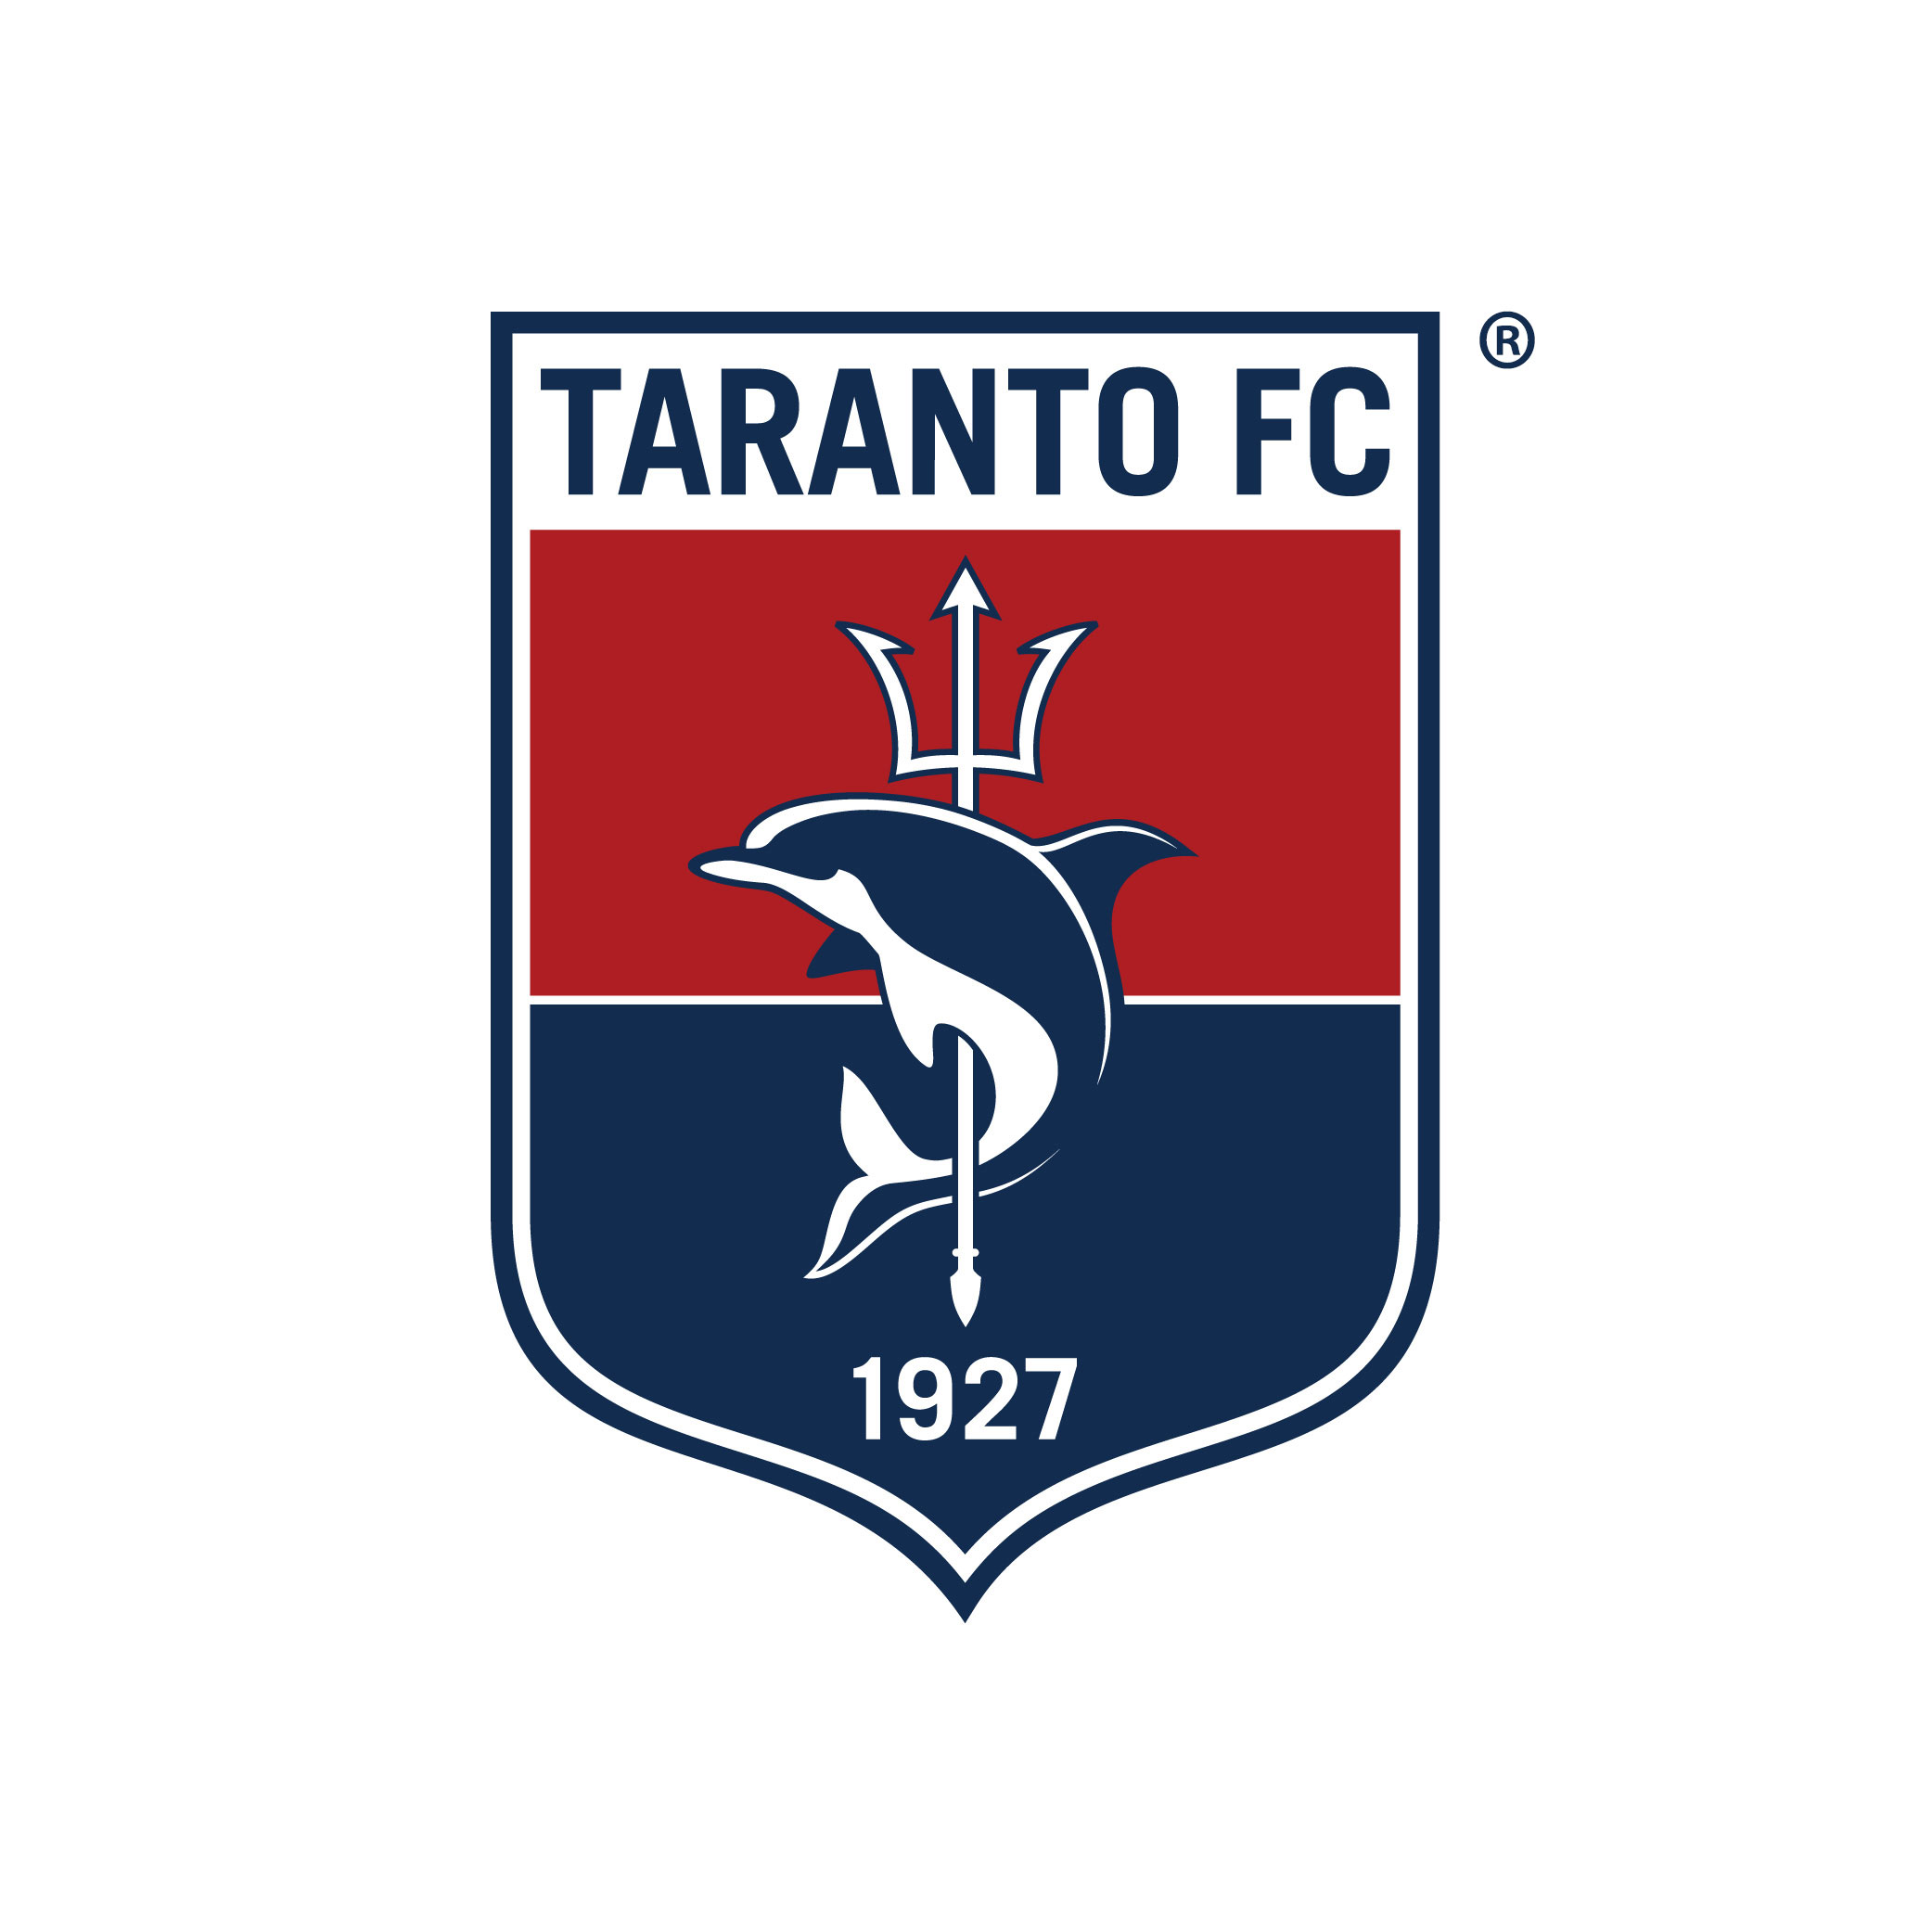 La storia del logo scelto dai tifosi